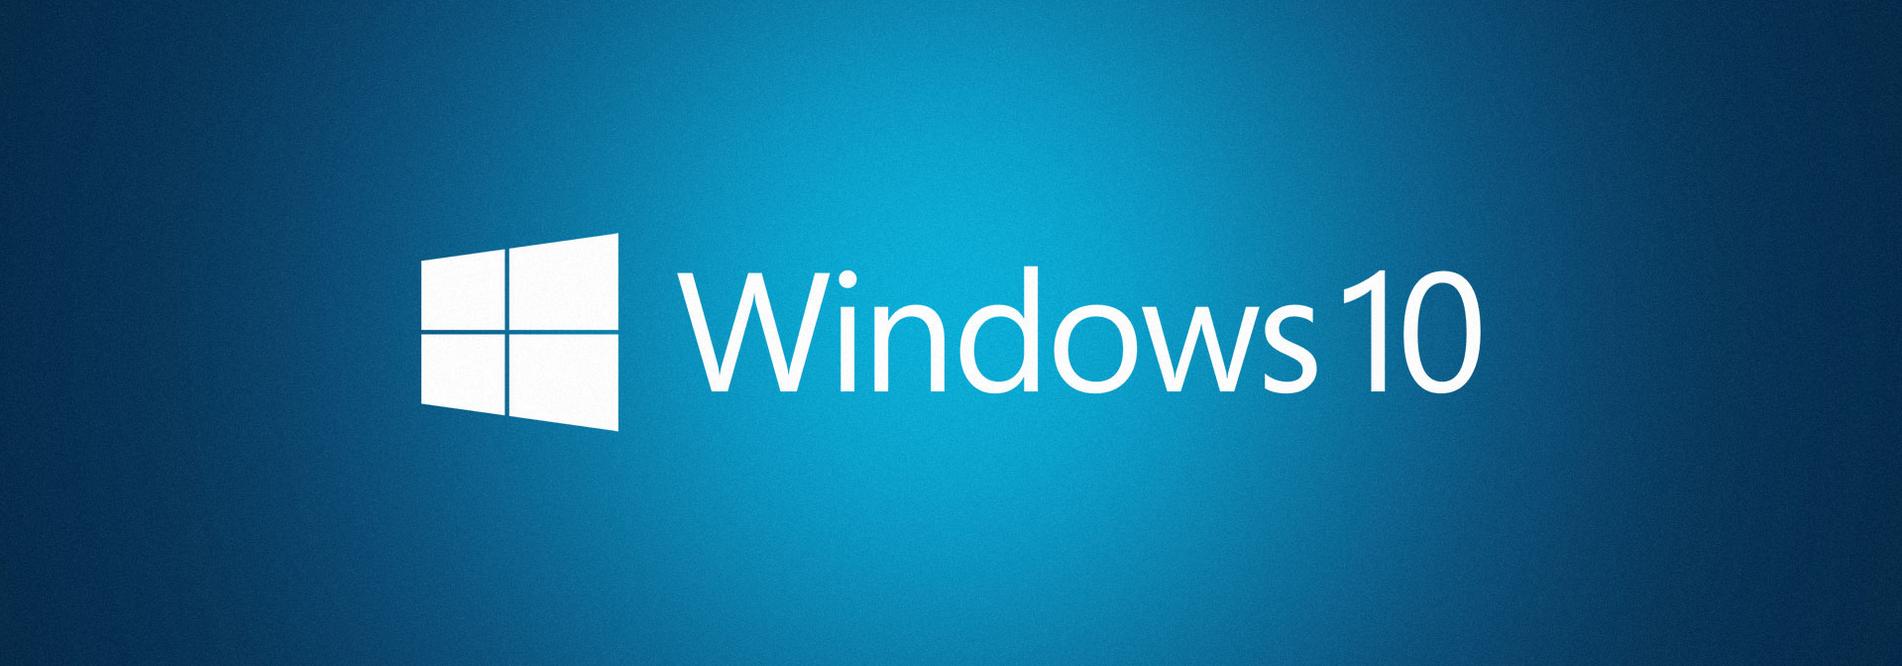 Microsoft umie wszystko poza jednym: komunikowaniem się ze swoimi klientami